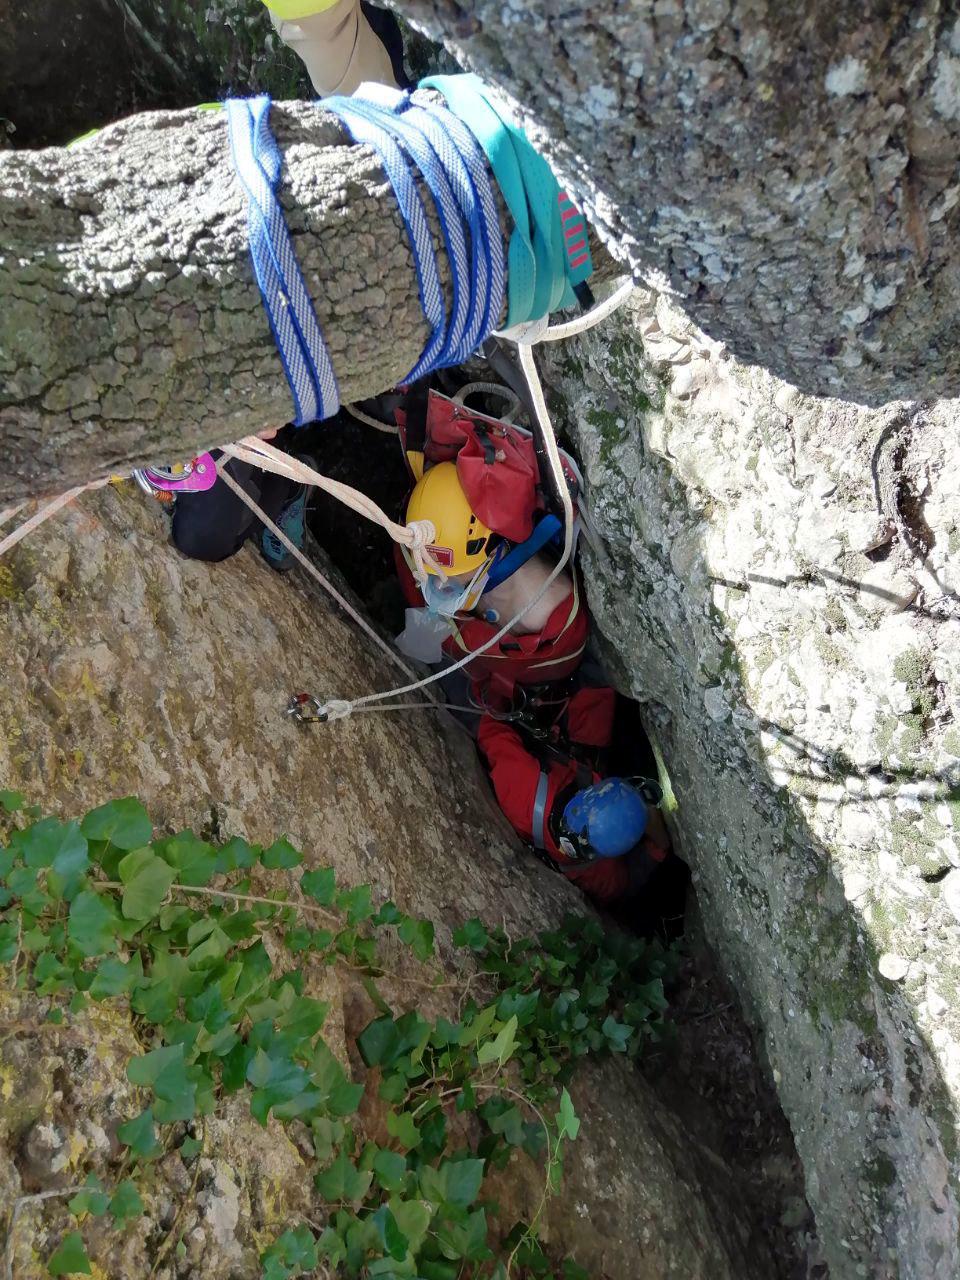 Rescat de l'espeleòleg accidentat en un avenc a la muntanya de Montserrat, el 13 de febrer del 2021